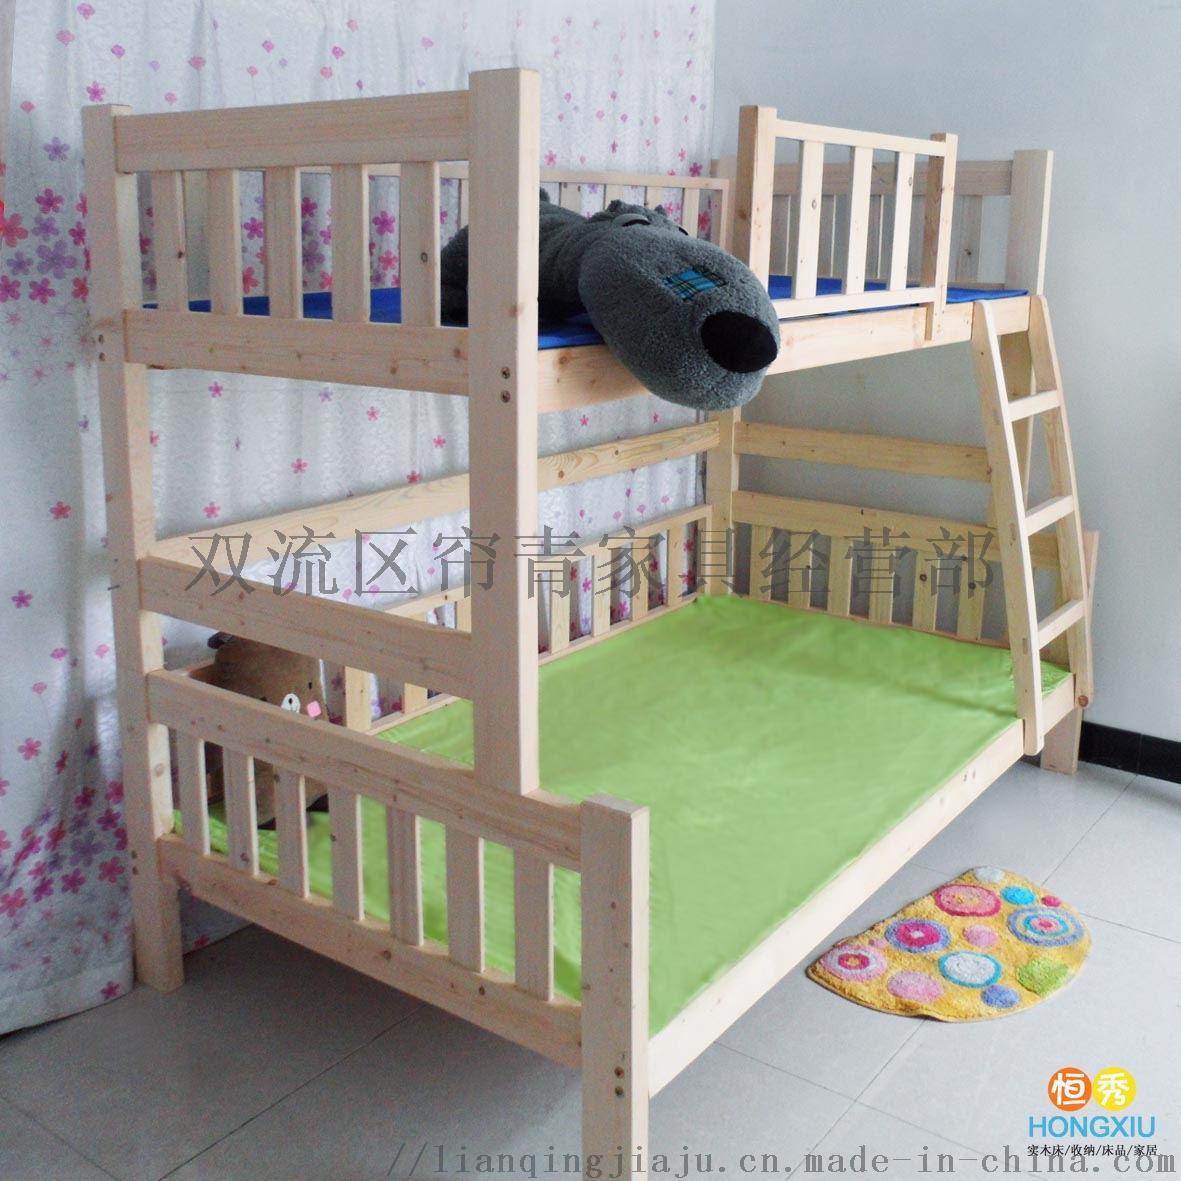 成都实木公寓床厂家供应耐用环保四川学生床厂家921164905